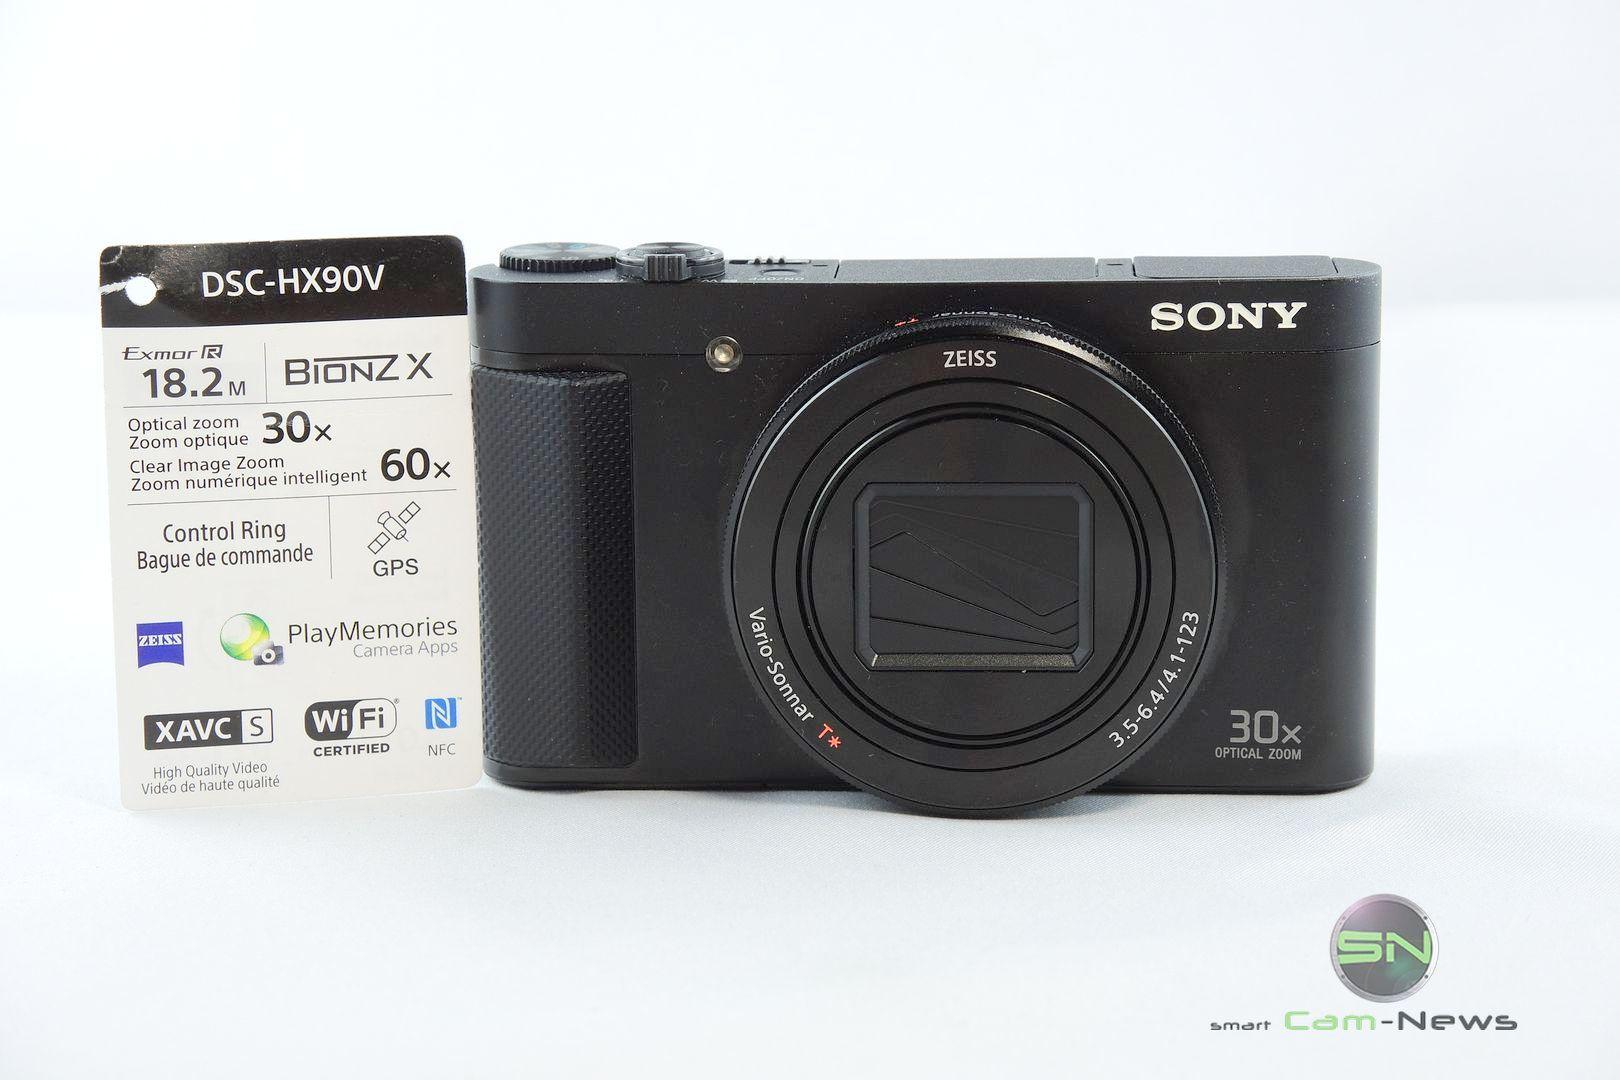 Sony DSC HX90V – Mega Reisezoom Kamera